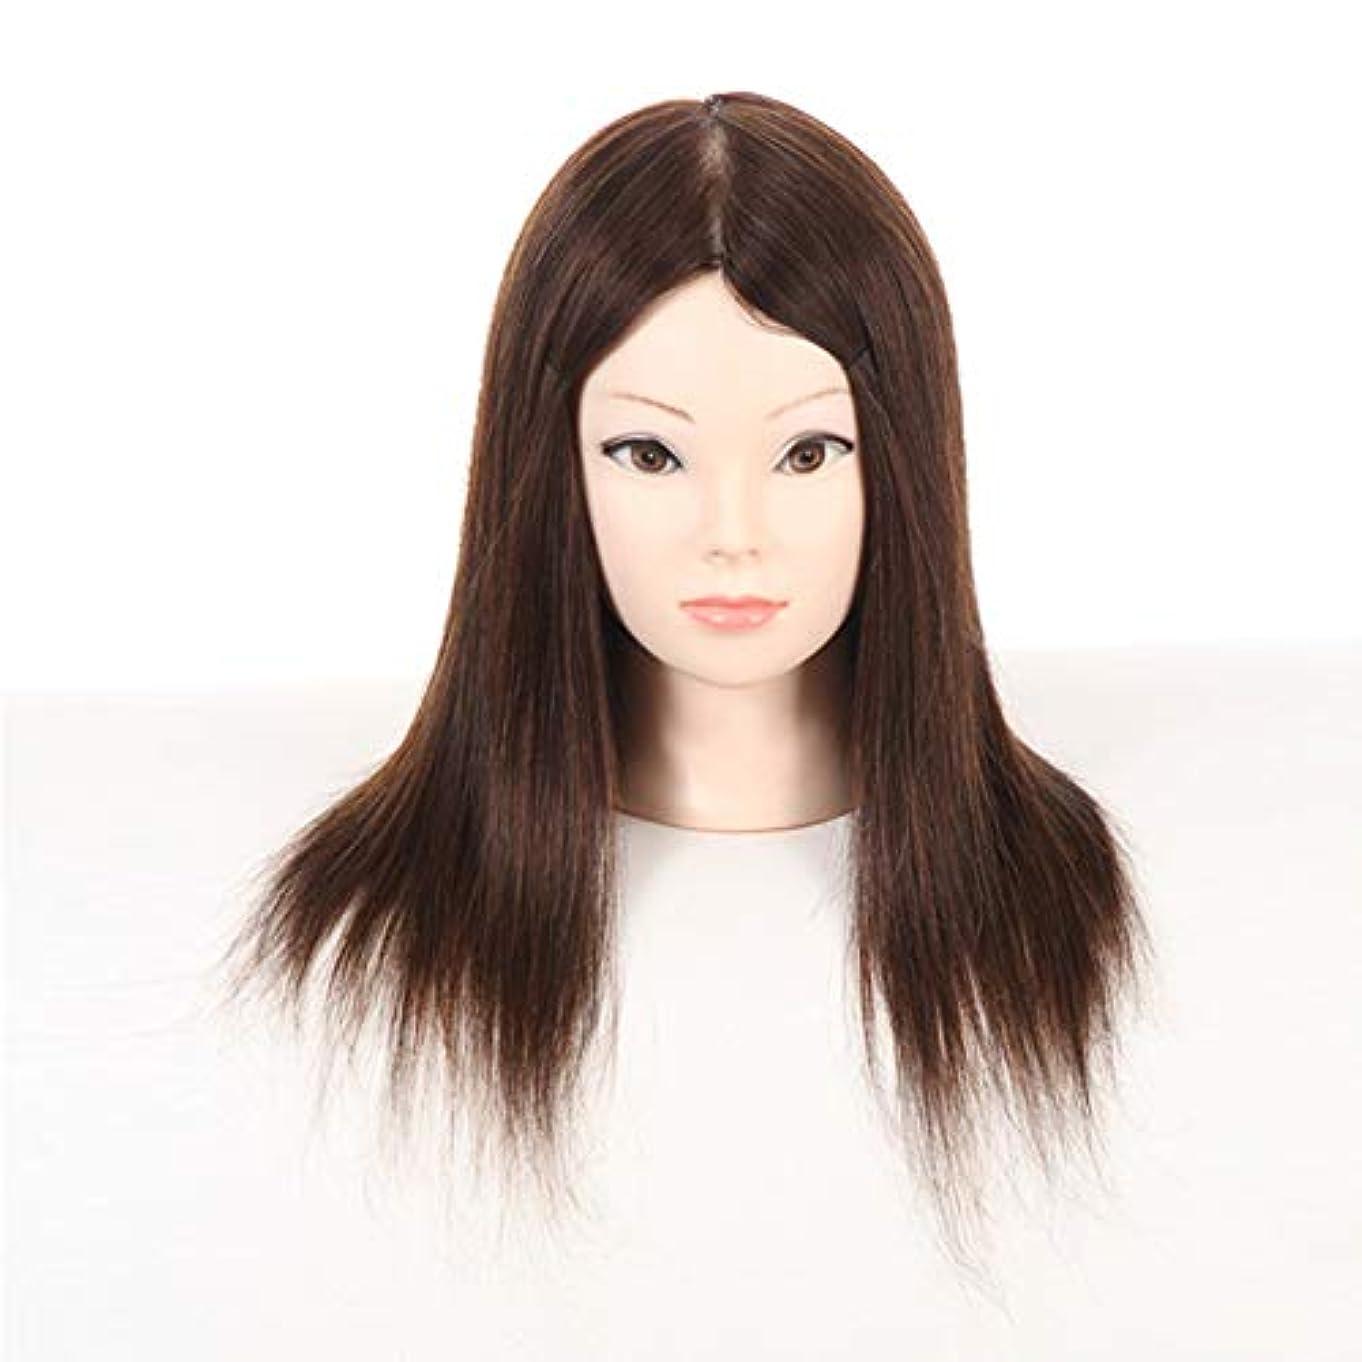 好ましい小数殺します本物の髪髪編組髪ヘアホット染料ヘッド型サロンモデリングウィッグエクササイズヘッド散髪学習ダミーヘッド